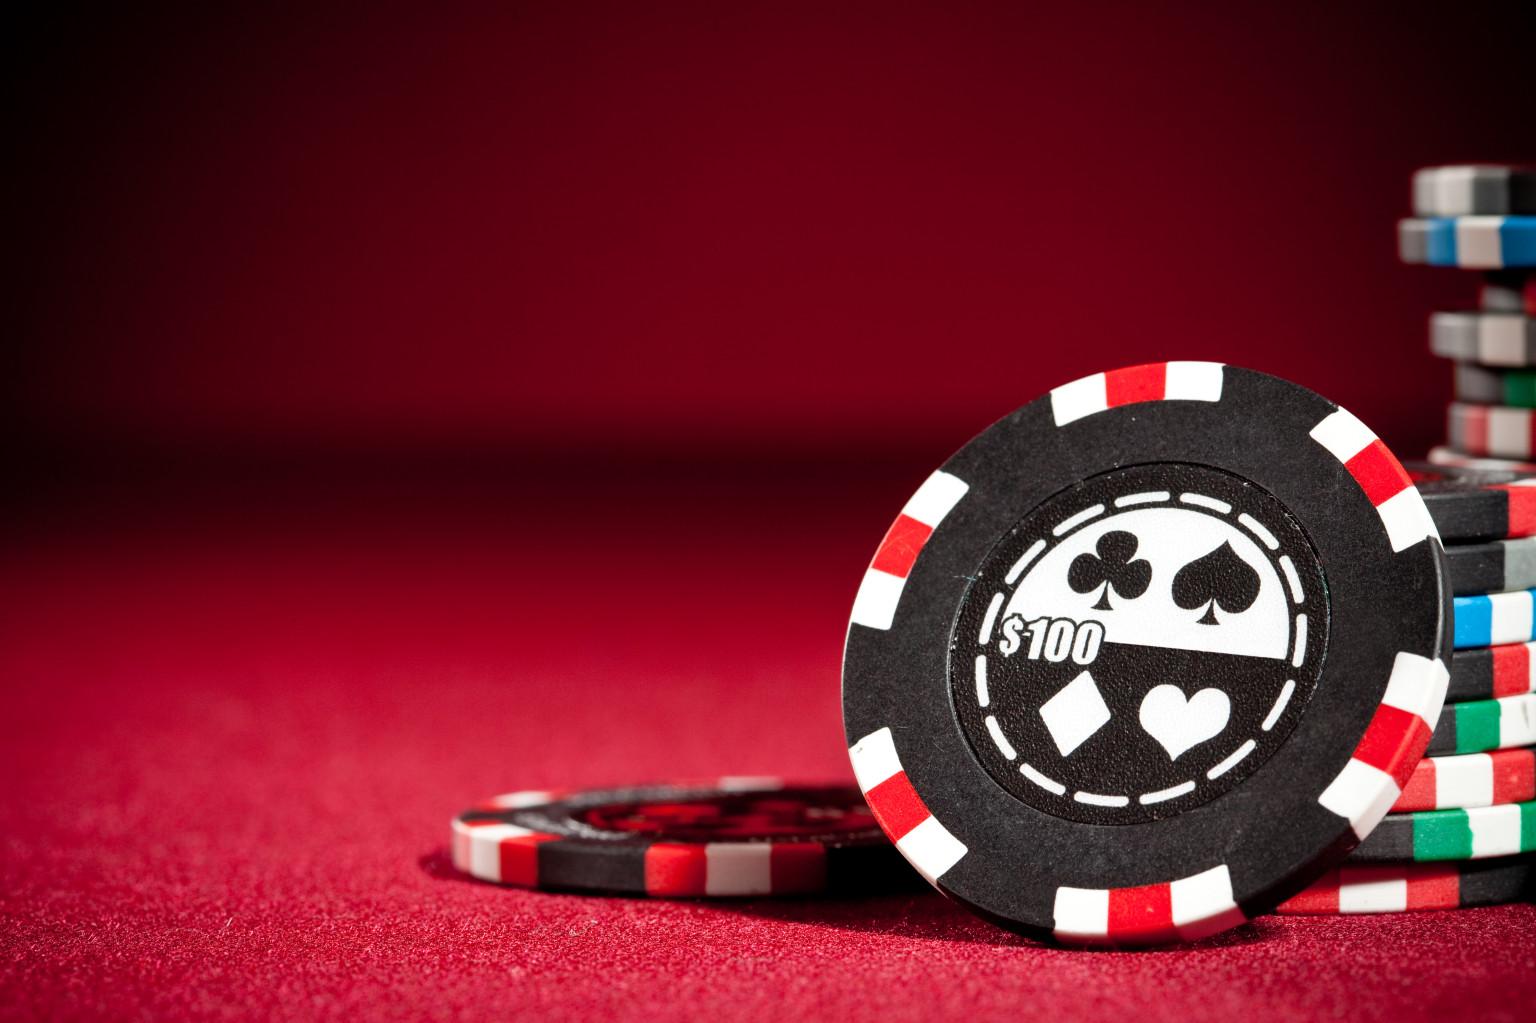 Casino français en ligne : Comment j'ai réussi à ne plus travailler